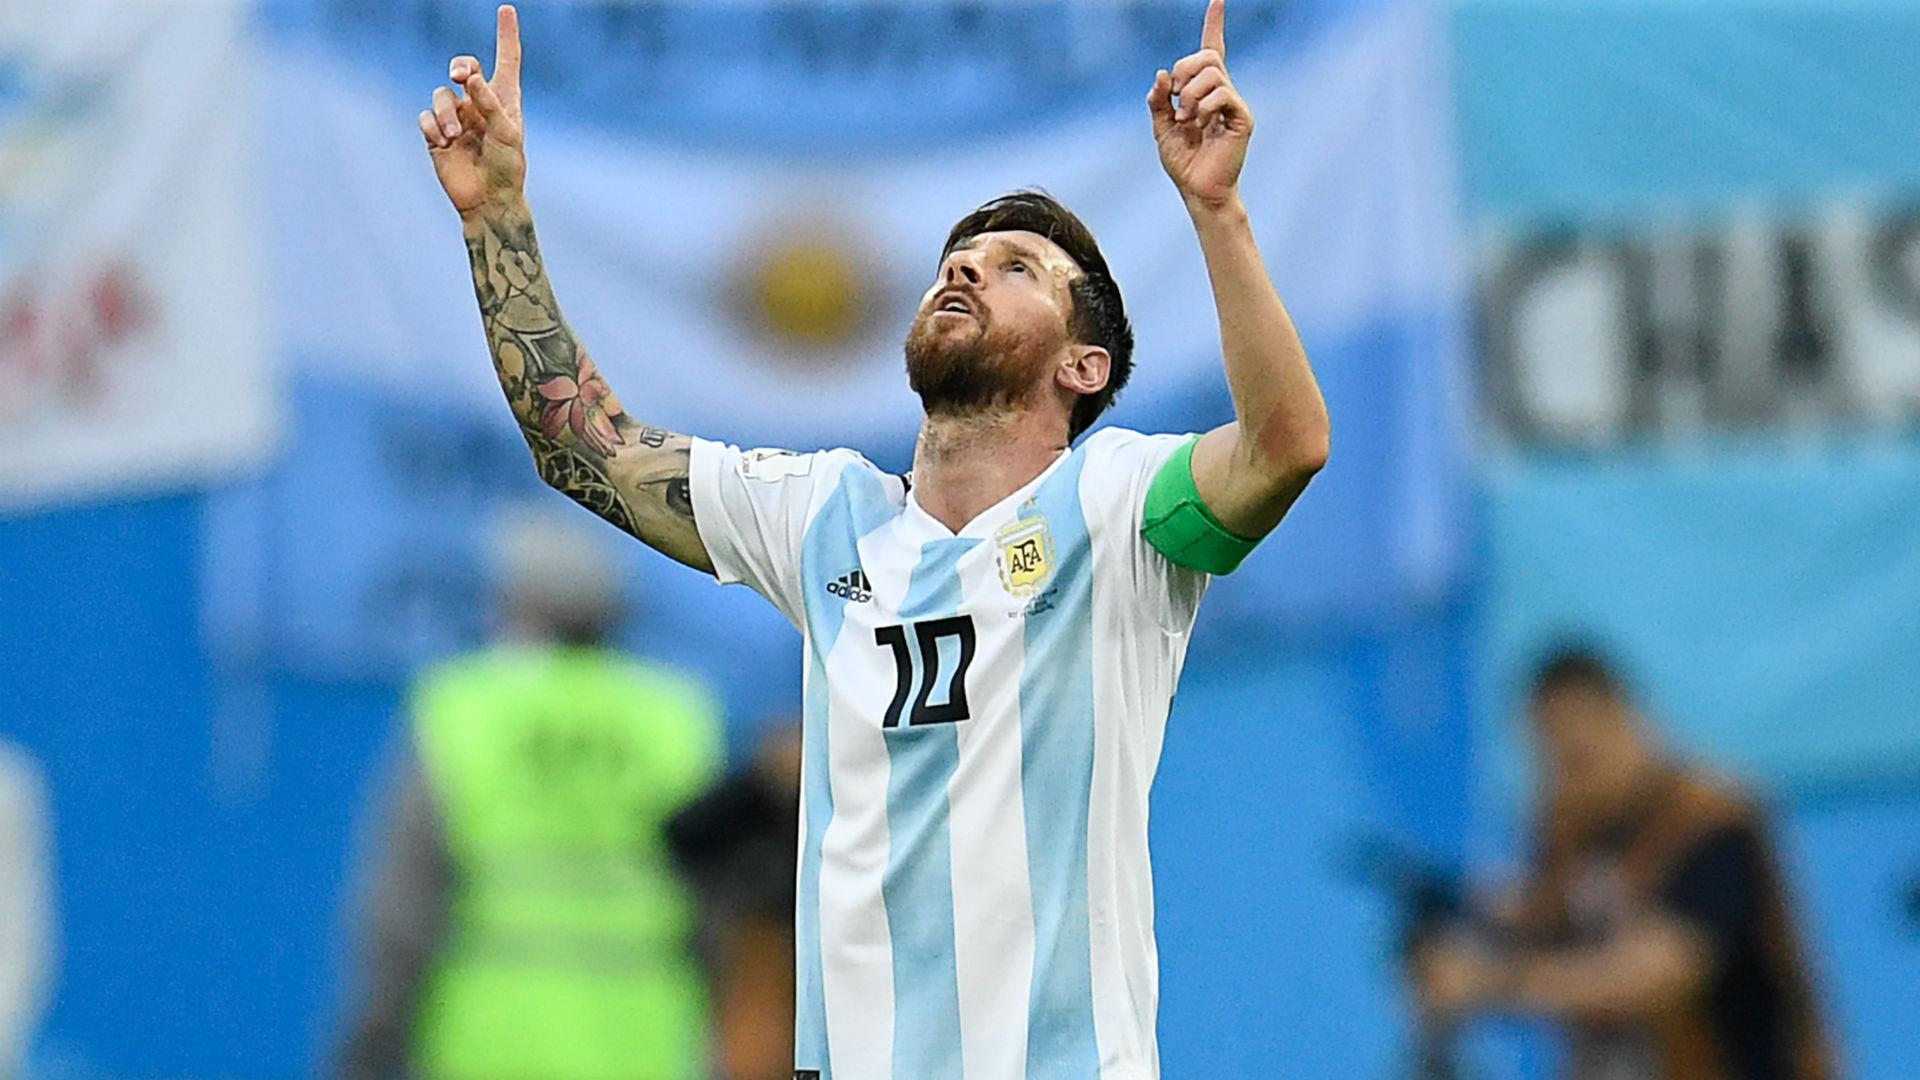 Lionel Messi en la Selección argentina: partidos, goles y asistencias |  Goal.com